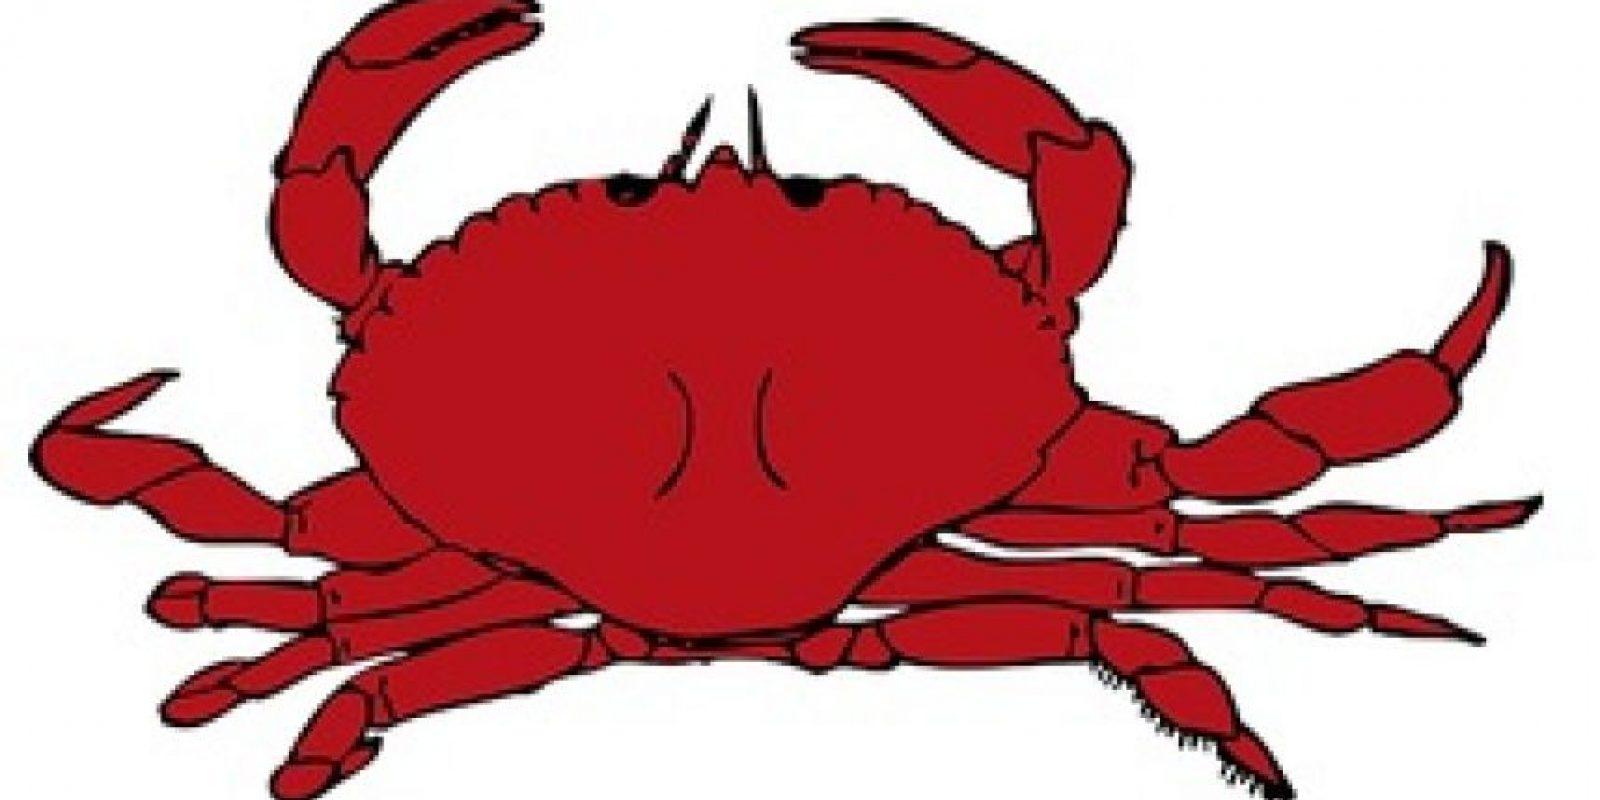 Cangrejo. Foto:emojipedia.org